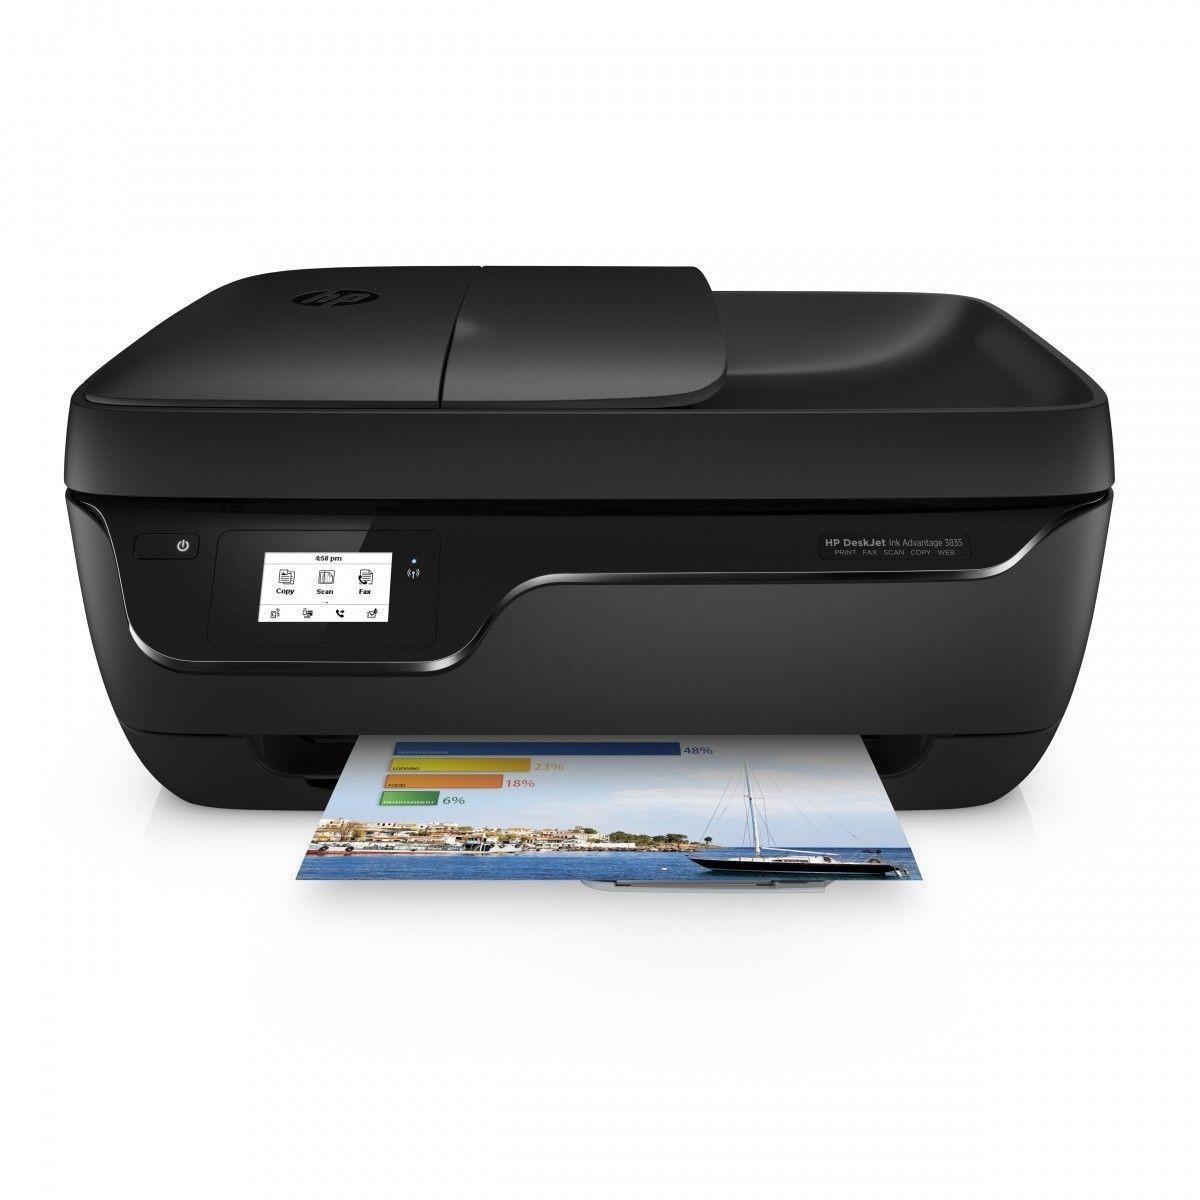 HP Deskjet 3835 Ink Advantage MFP